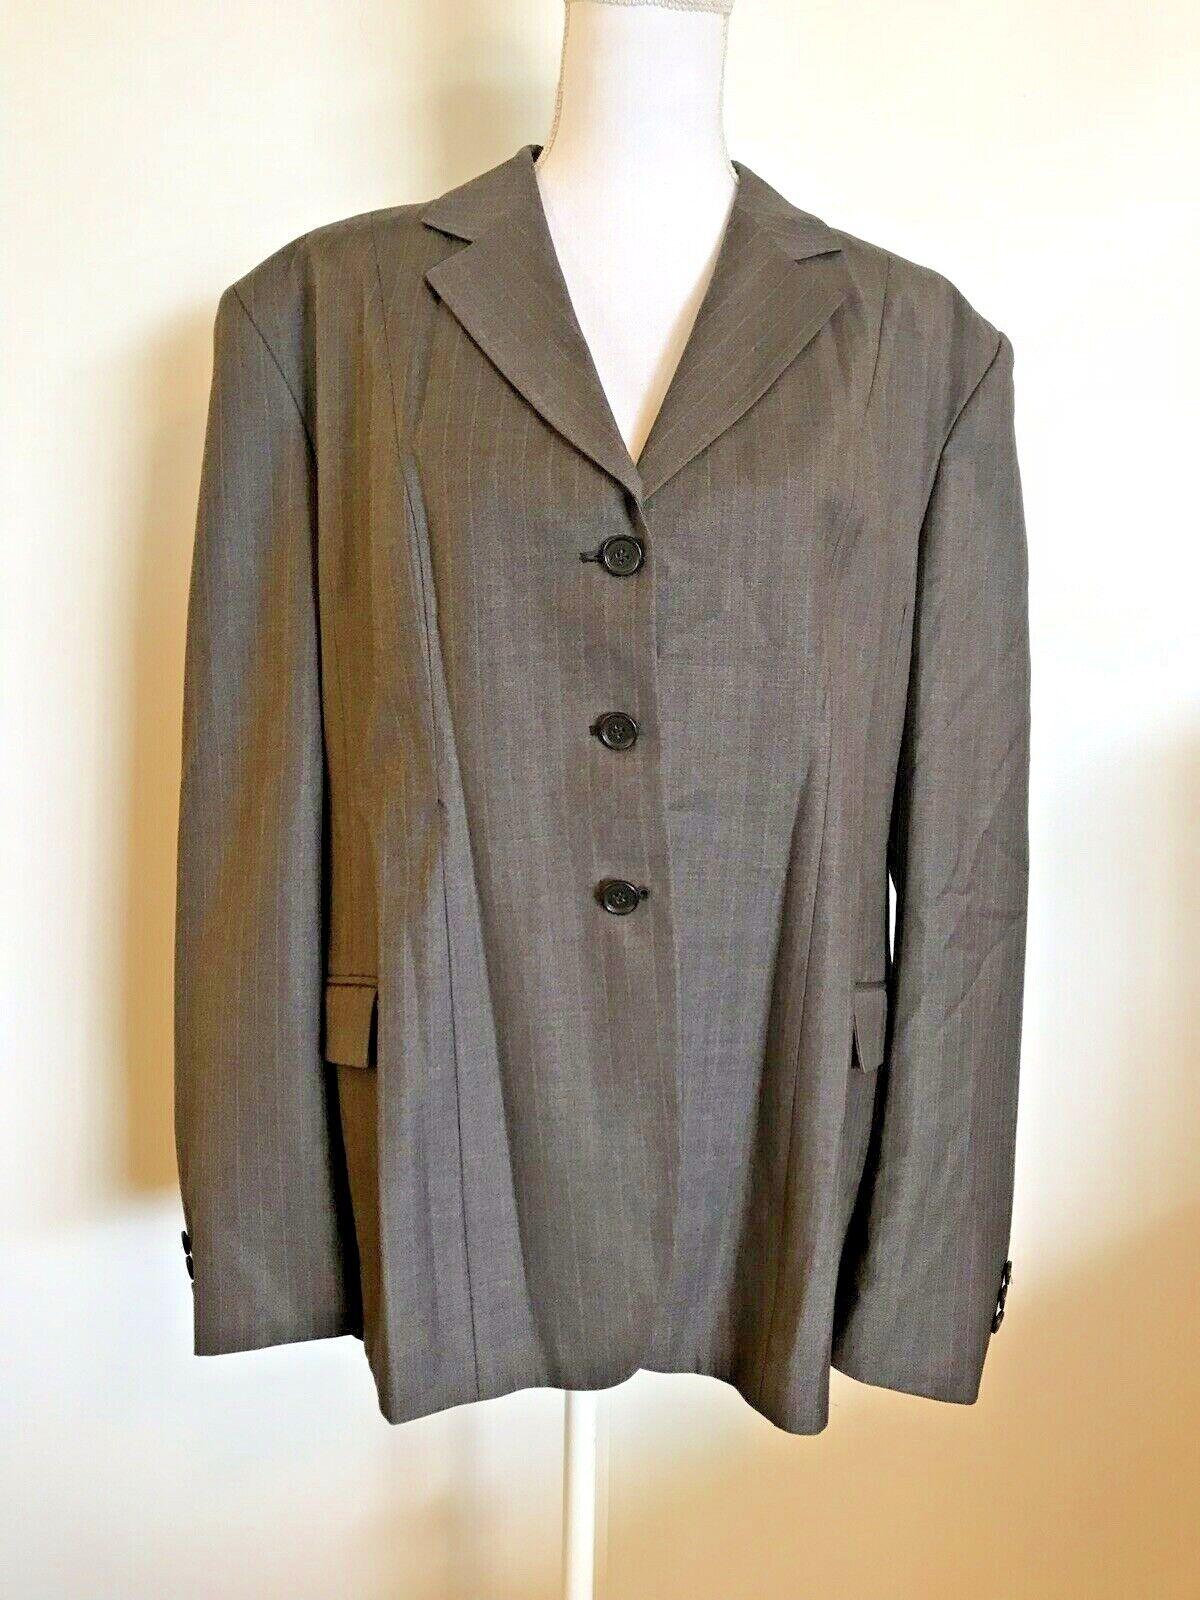 Wellington Colección mostrar Abrigo 14R gris chaqueta de montar a caballo